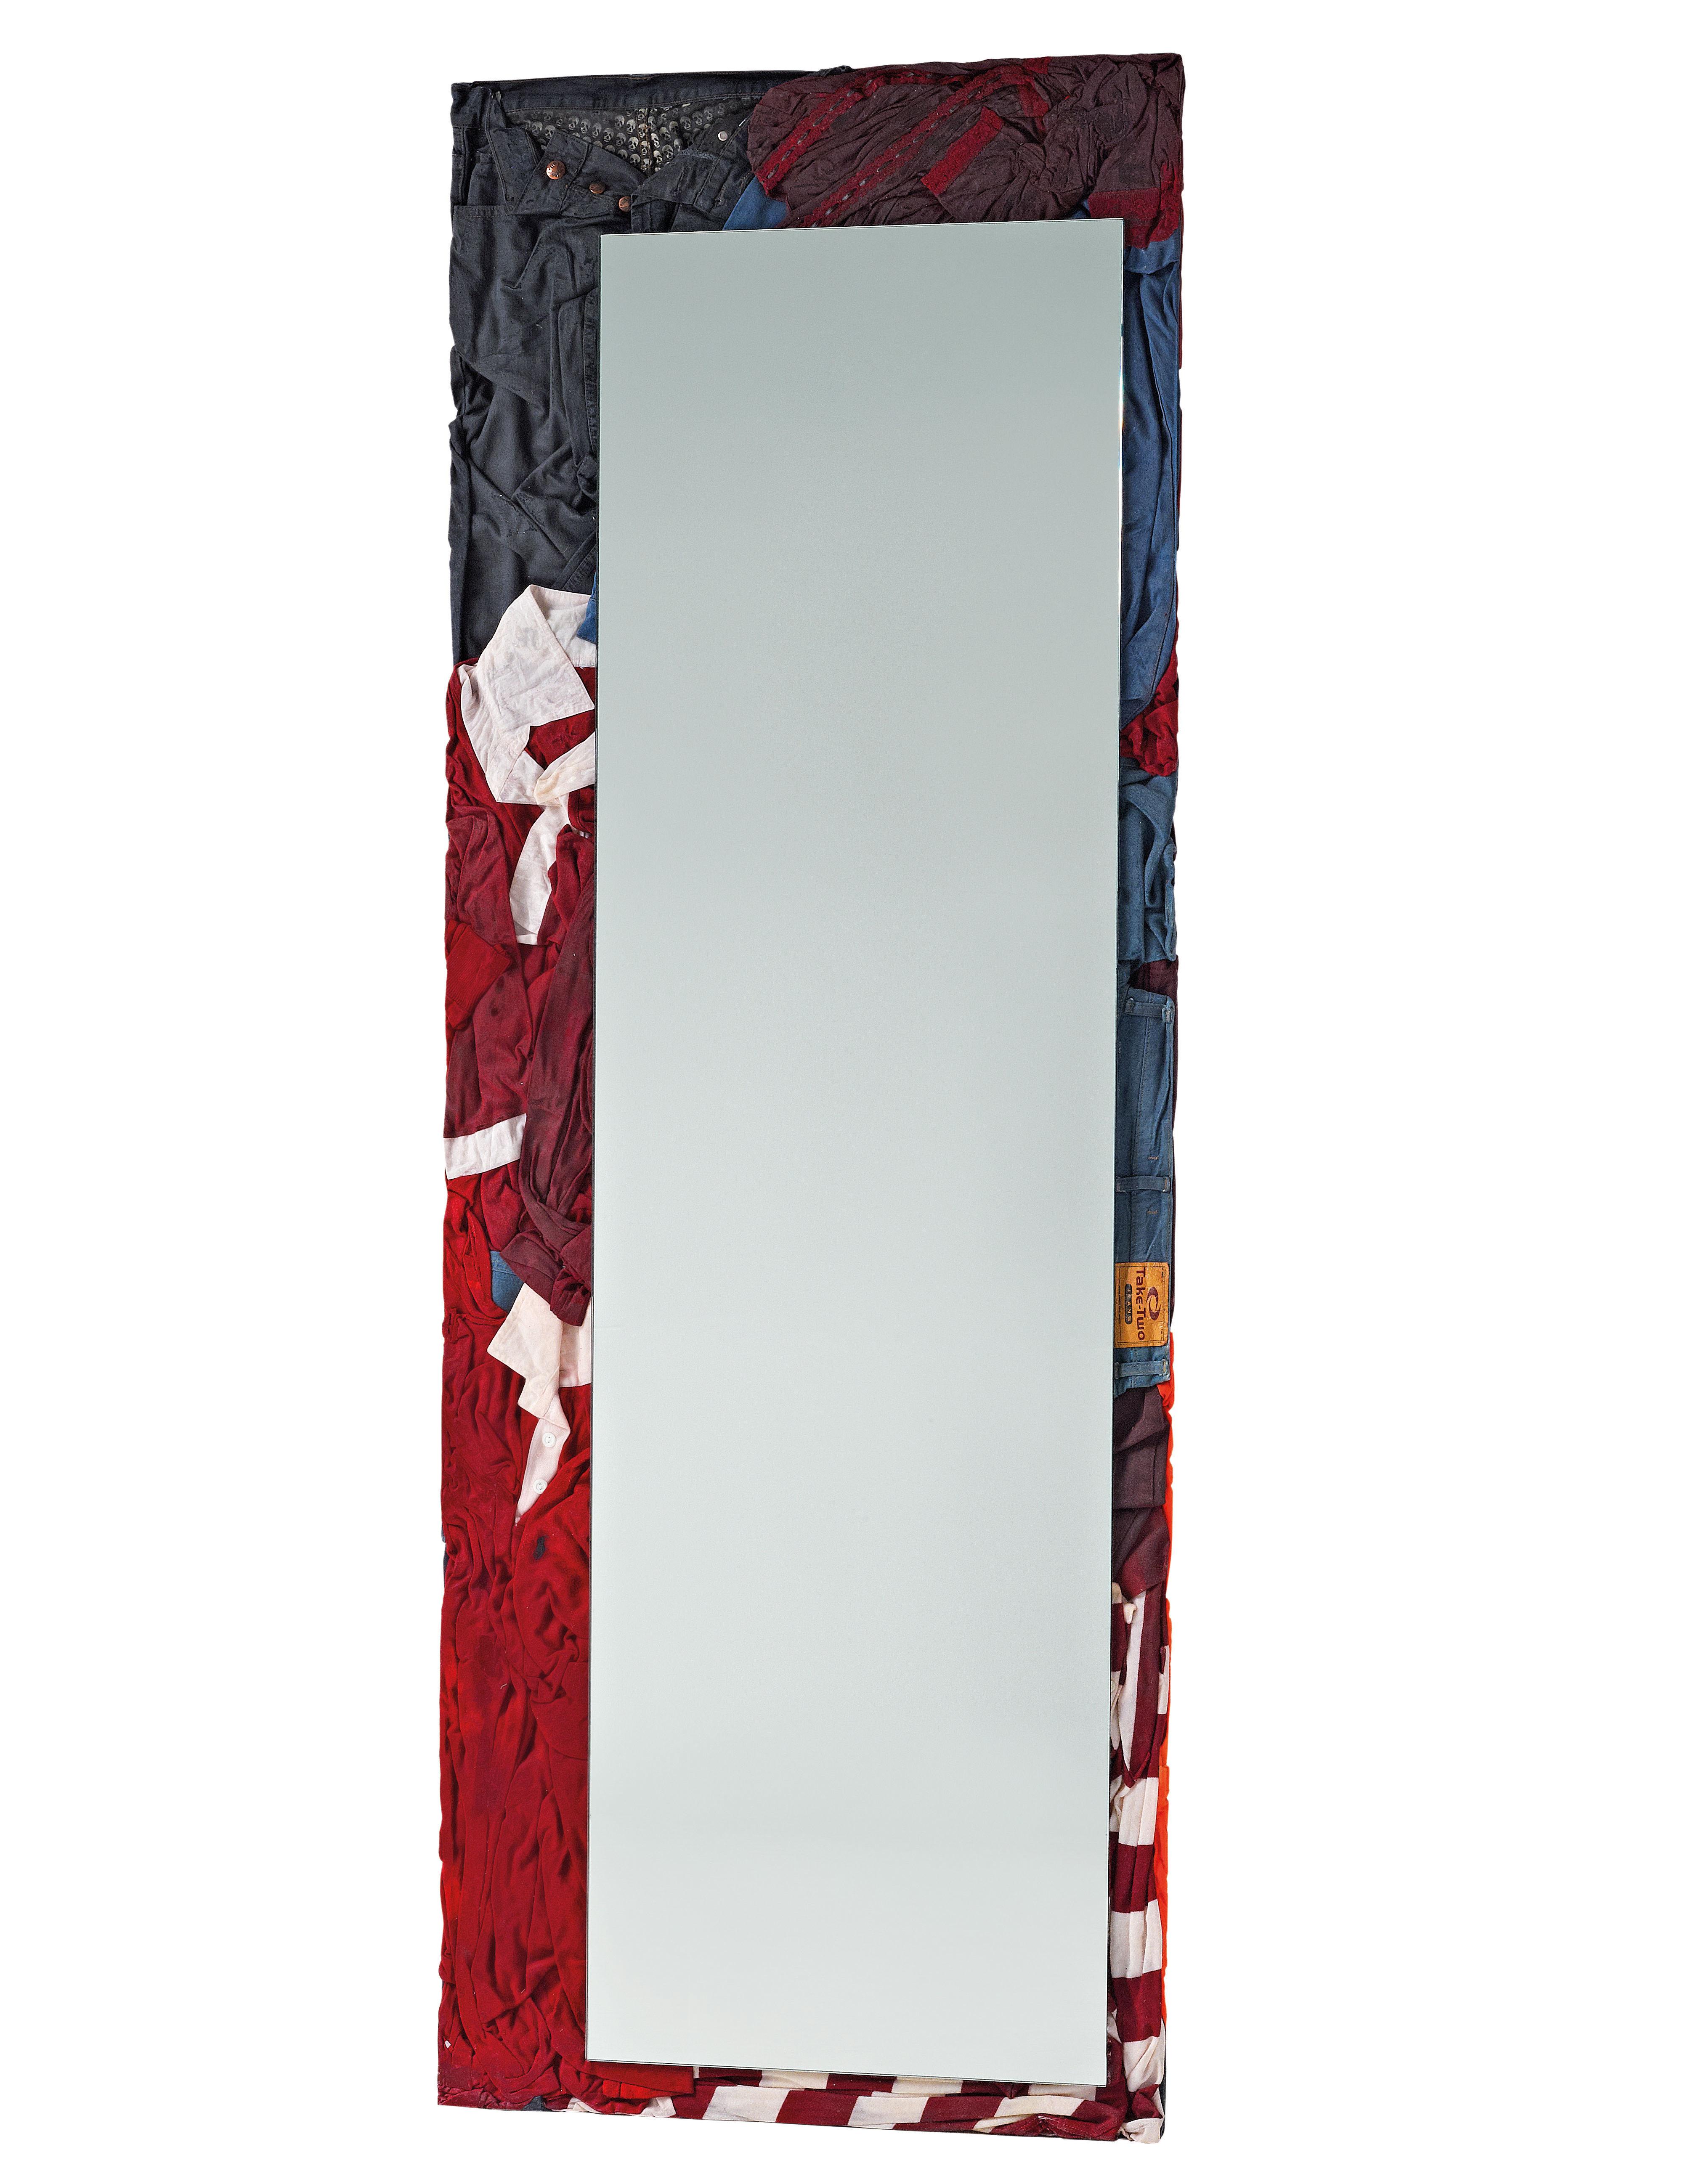 Interni - Specchi - Specchio da appoggiare Rememberme - / Vestiti riciclati - H 195 cm di Casamania - Multicolore -  Vêtements recyclés, Resina, Vetro